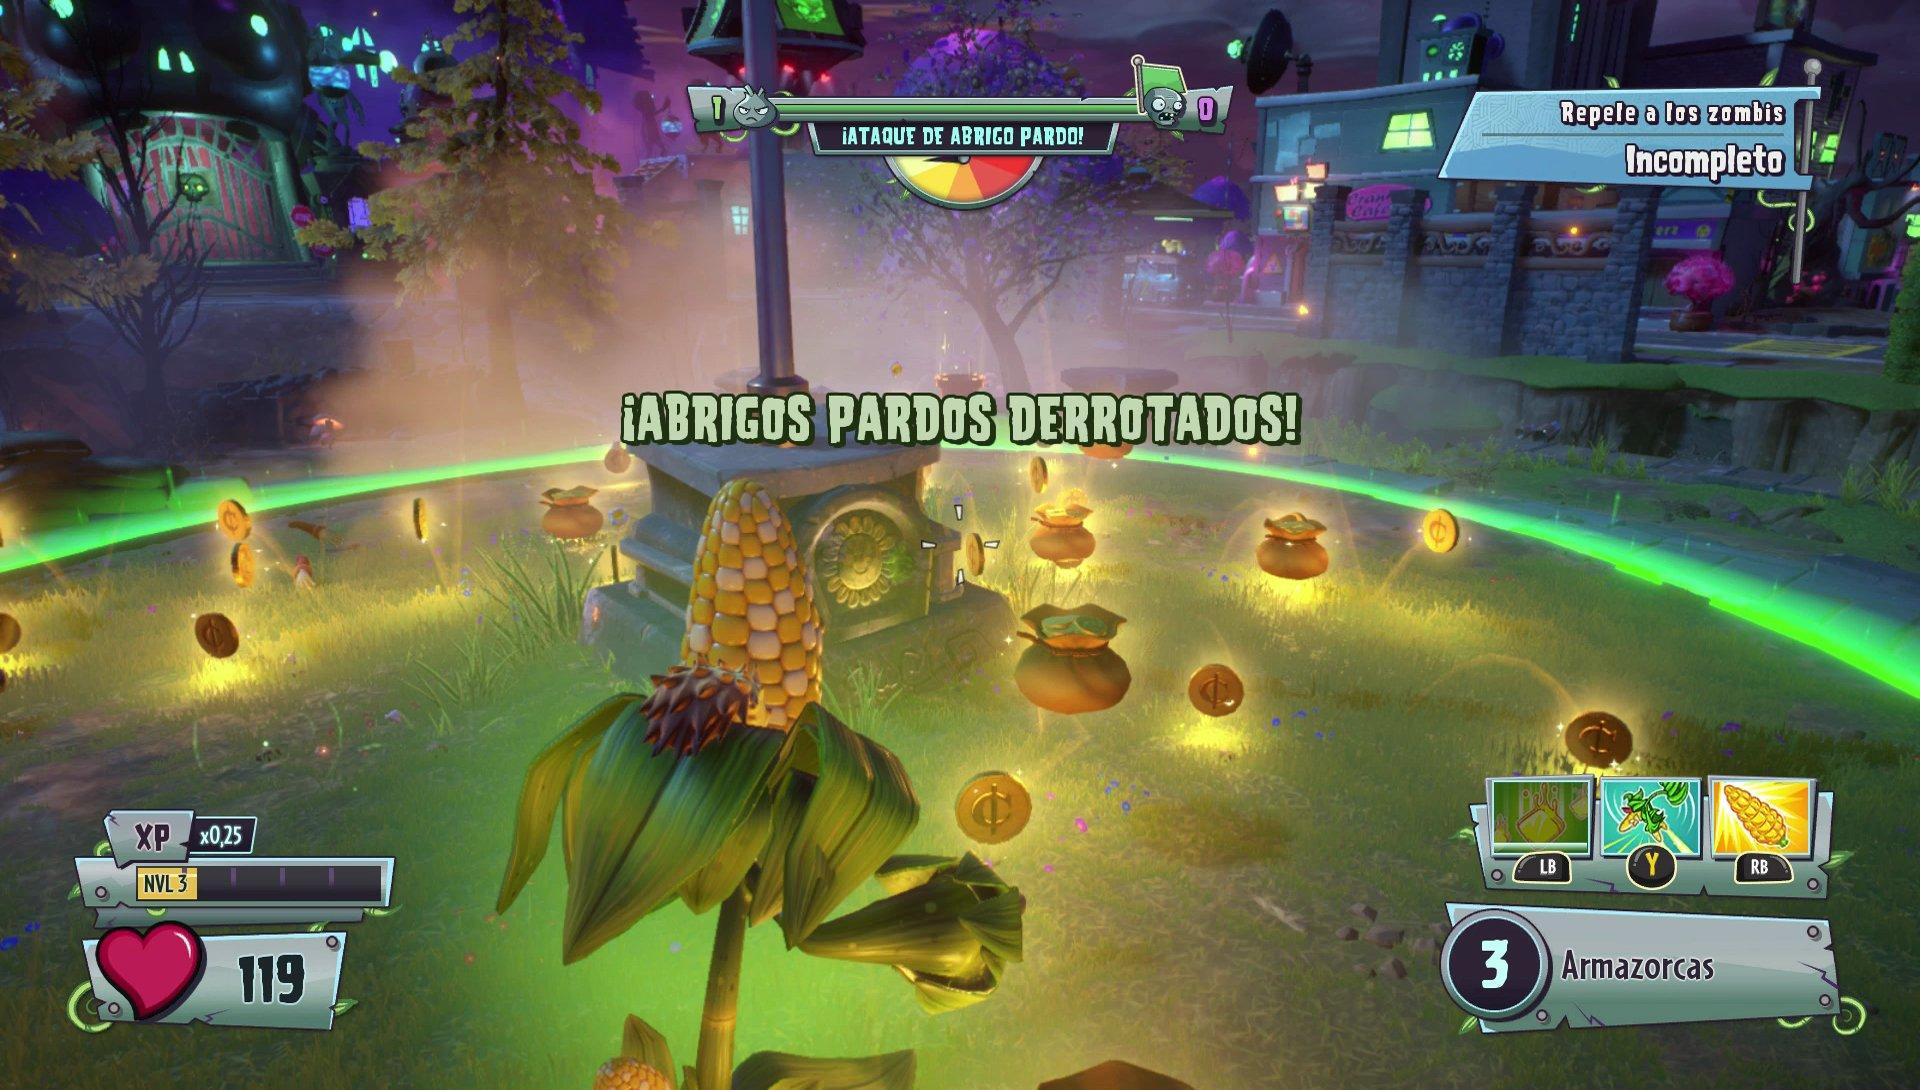 Juego Plant Vs Zombies Garden Warfare 2 Online Ps4 Caja Abierta